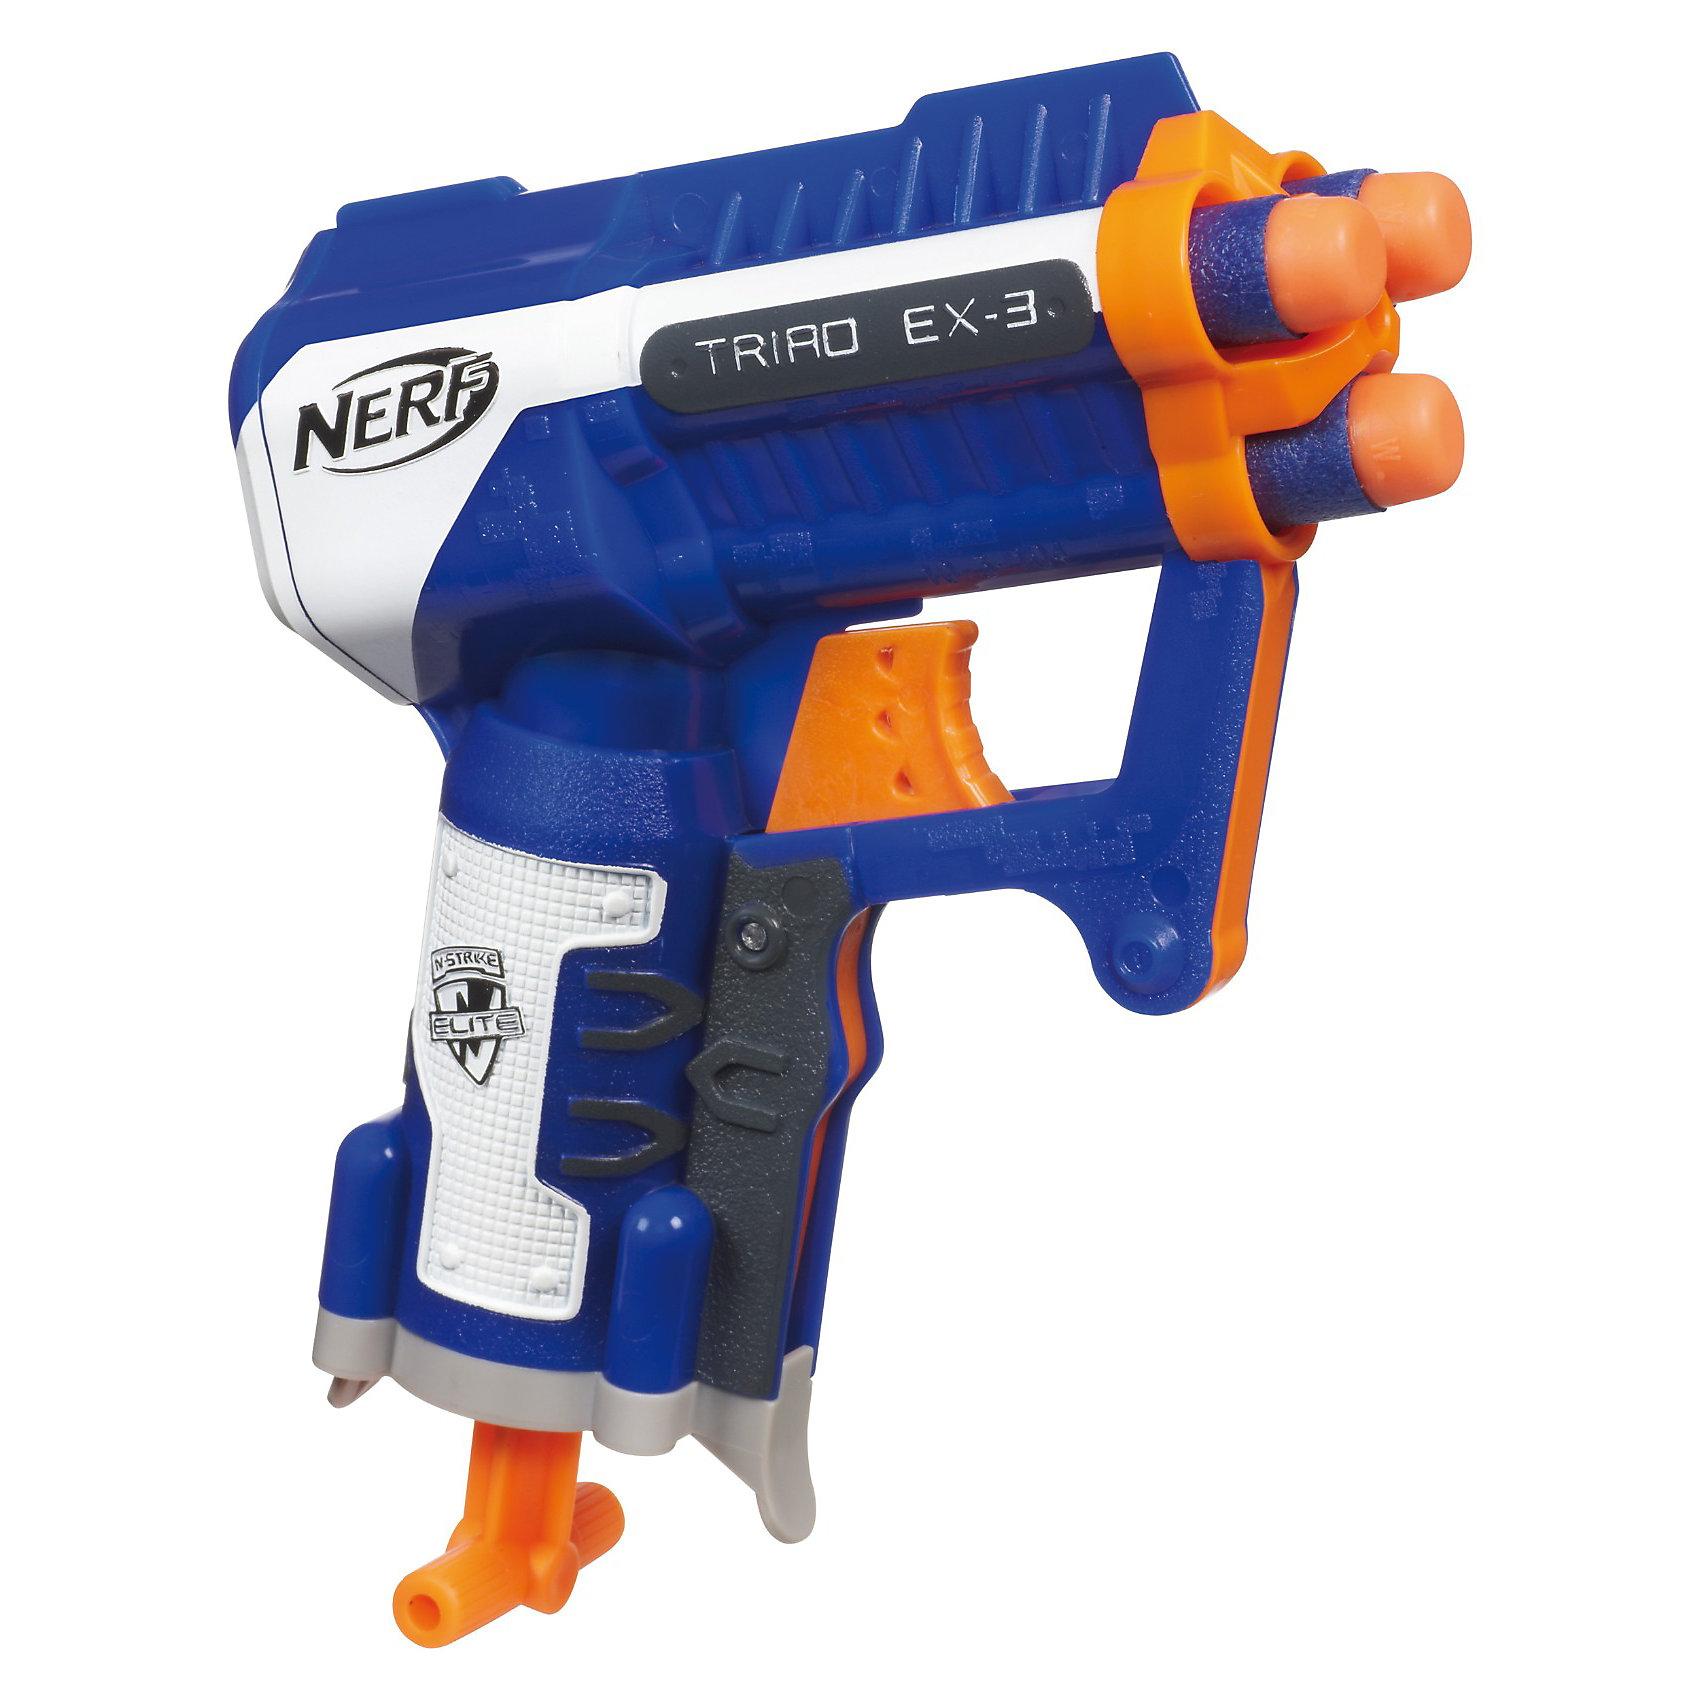 Бластер Элит Триад, NERFИгрушечное оружие<br>Бластер Элит Триад от Nerf - компактный и мощный бластер, который стреляет сразу тремя стрелами. Вставьте в бластер стрелы и Вы уже готовы к битве. <br>Новый бластер Элит Триад может стрелять на расстояние до 20 -ти метров!<br><br>Подарите своему ребенку множество спортивно-азартных часов!<br><br>Дополнительная информация:<br>- В комплекте бластер, 3 стрелы и инструкция. <br>- Размер: 171*187*54 мм.<br><br>Бластер Элит Триад, Nerf можно купить в нашем интернет - магазине.<br><br>Ширина мм: 54<br>Глубина мм: 171<br>Высота мм: 187<br>Вес г: 520<br>Возраст от месяцев: 96<br>Возраст до месяцев: 168<br>Пол: Мужской<br>Возраст: Детский<br>SKU: 3295473